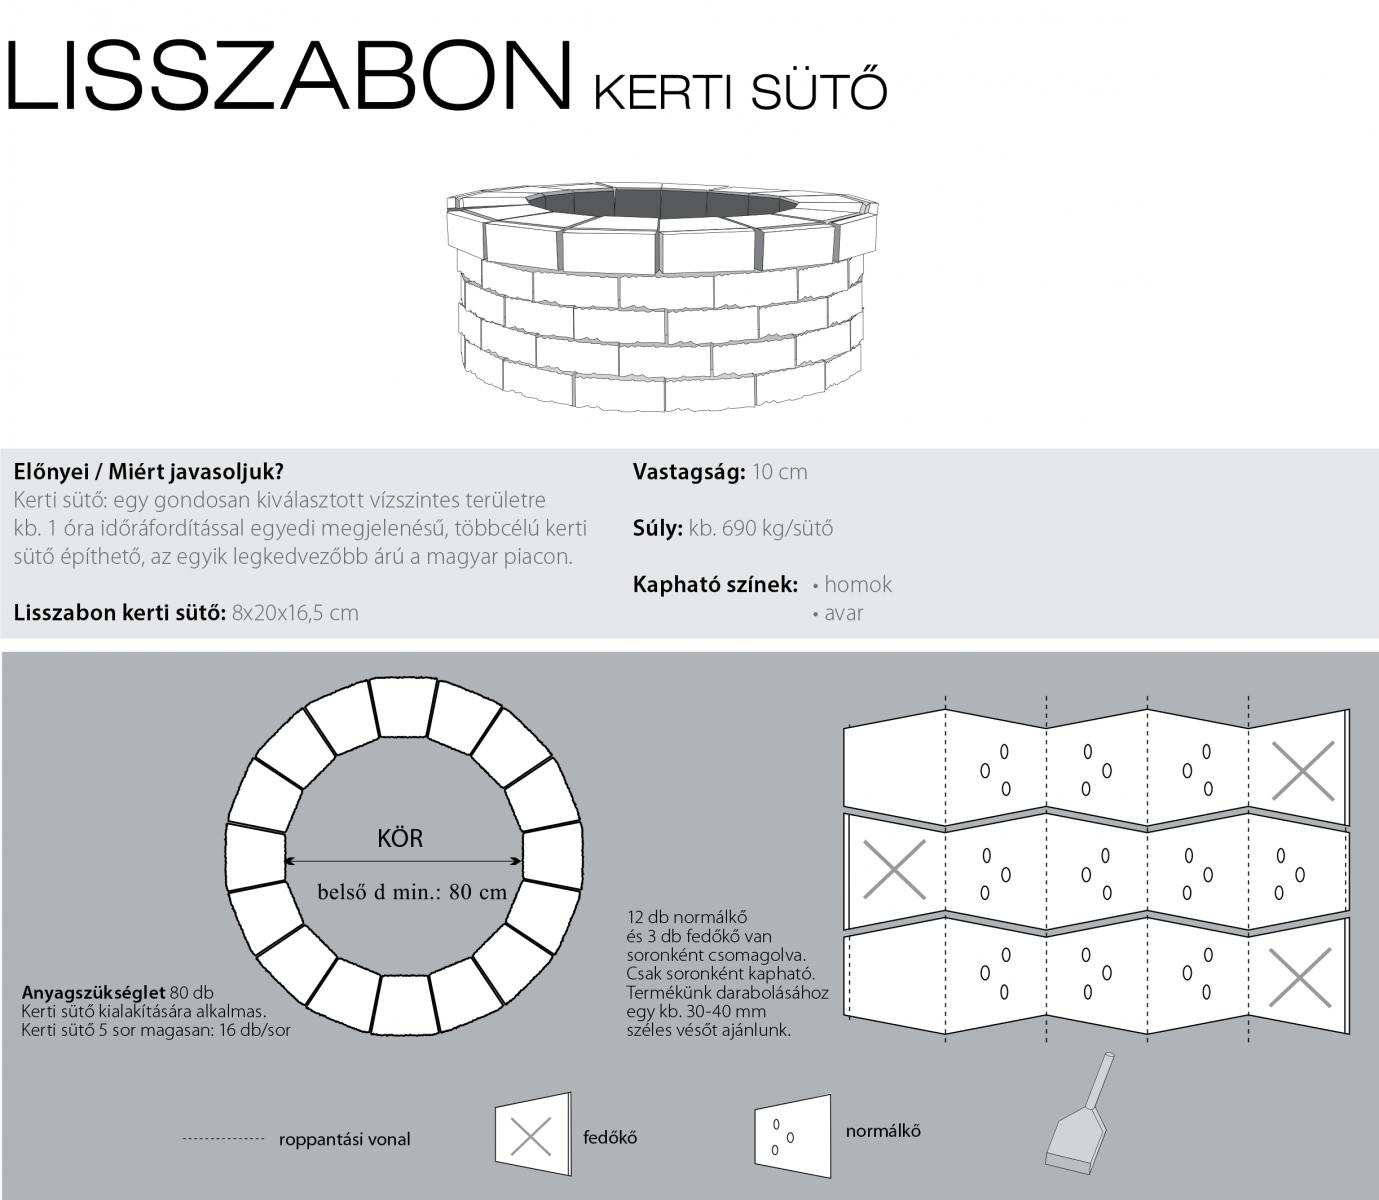 Lisszabon kerti sütő technikai információi